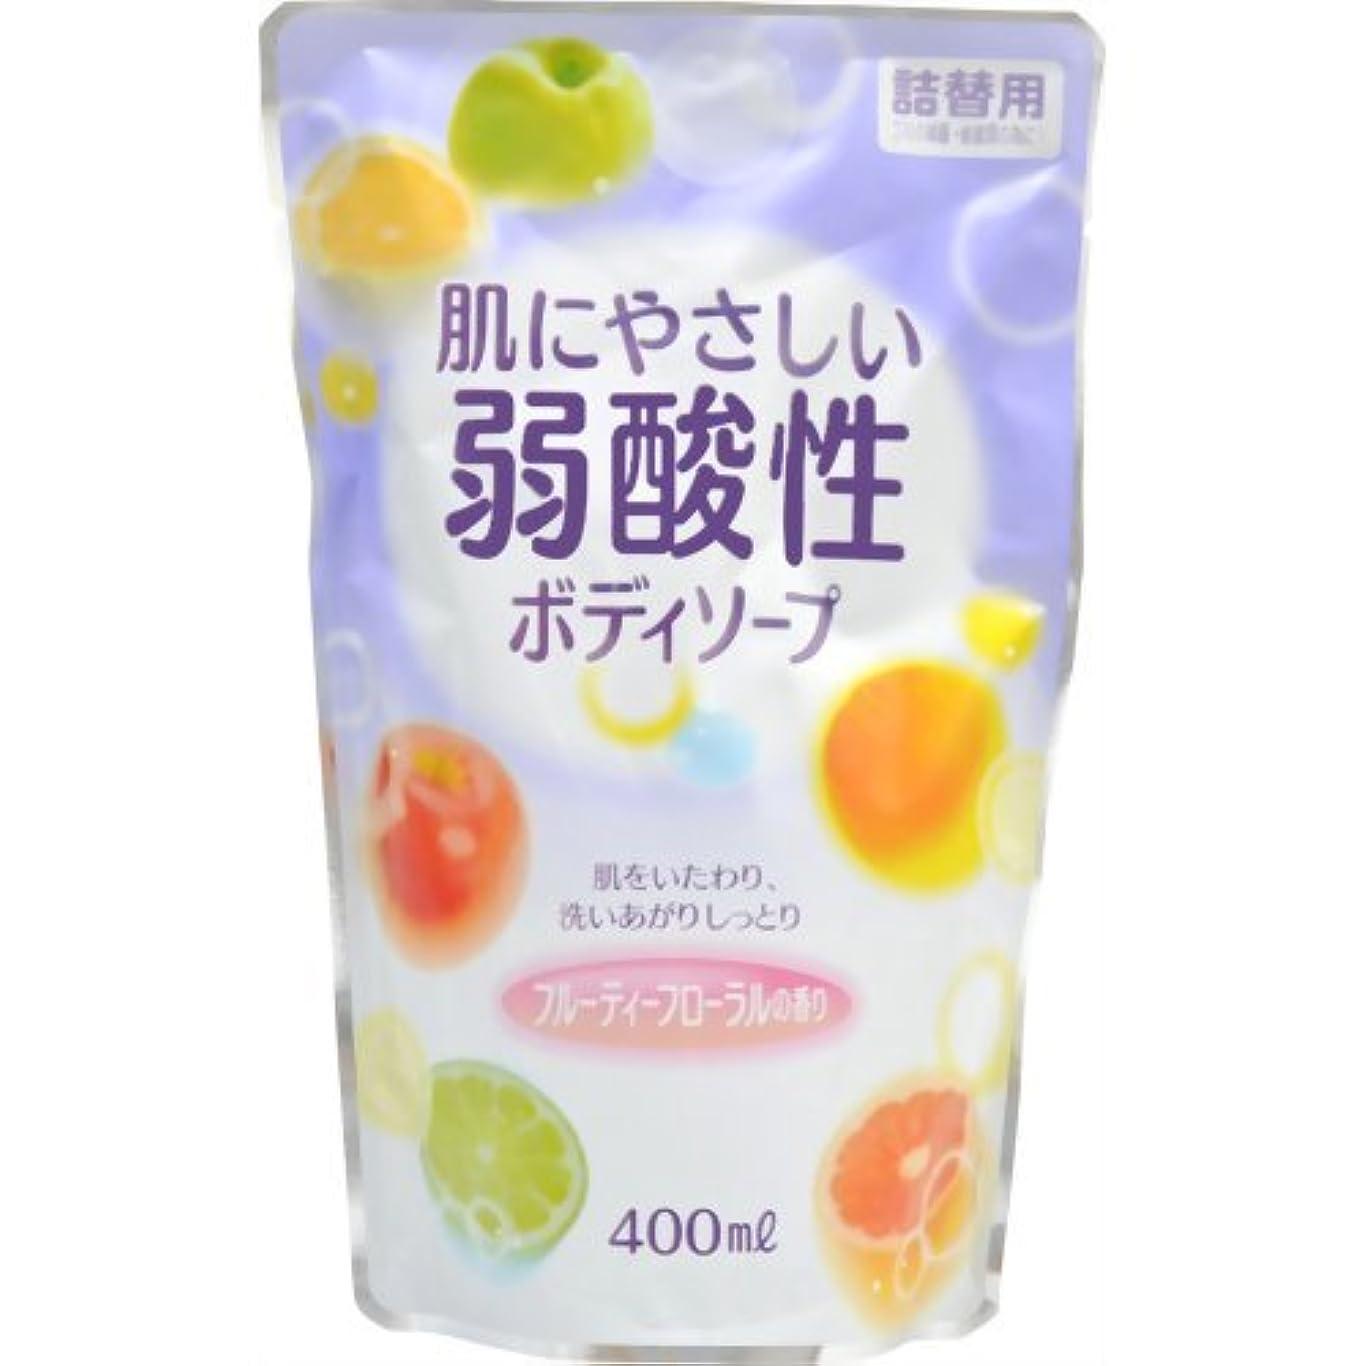 春マイクロプロセッサビジュアル弱酸性ボディソープ フルーティーフローラルの香り 詰替用 400ml